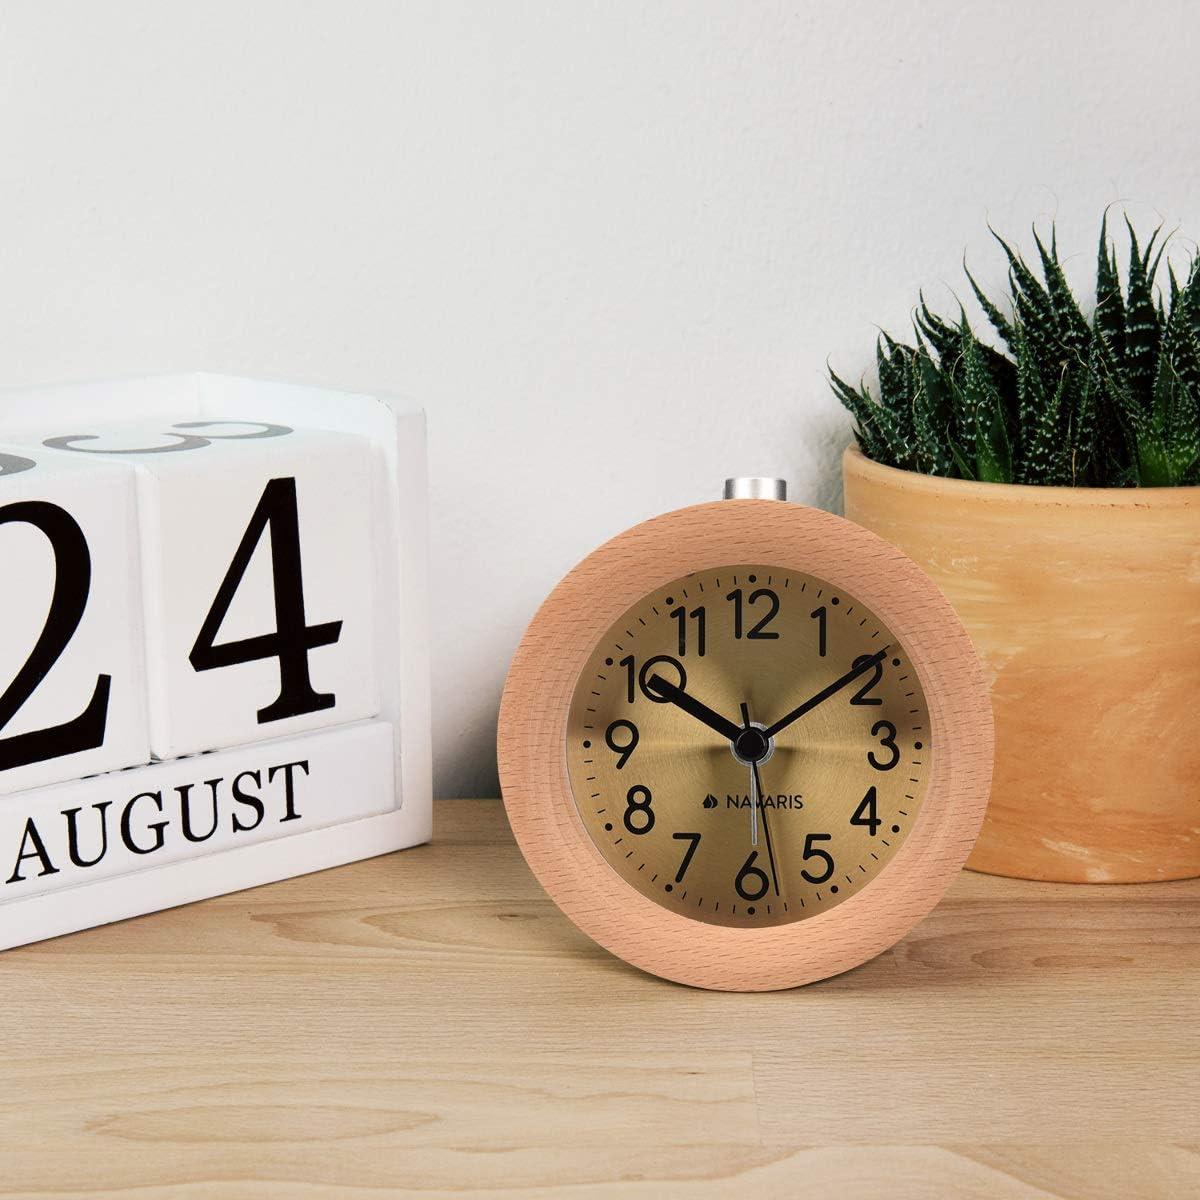 Horloge /à Aiguilles Classique avec Fonctions Heure Alarme Snooze lumi/ère Cadran dor/é Bois Clair Navaris R/éveil analogique en Bois